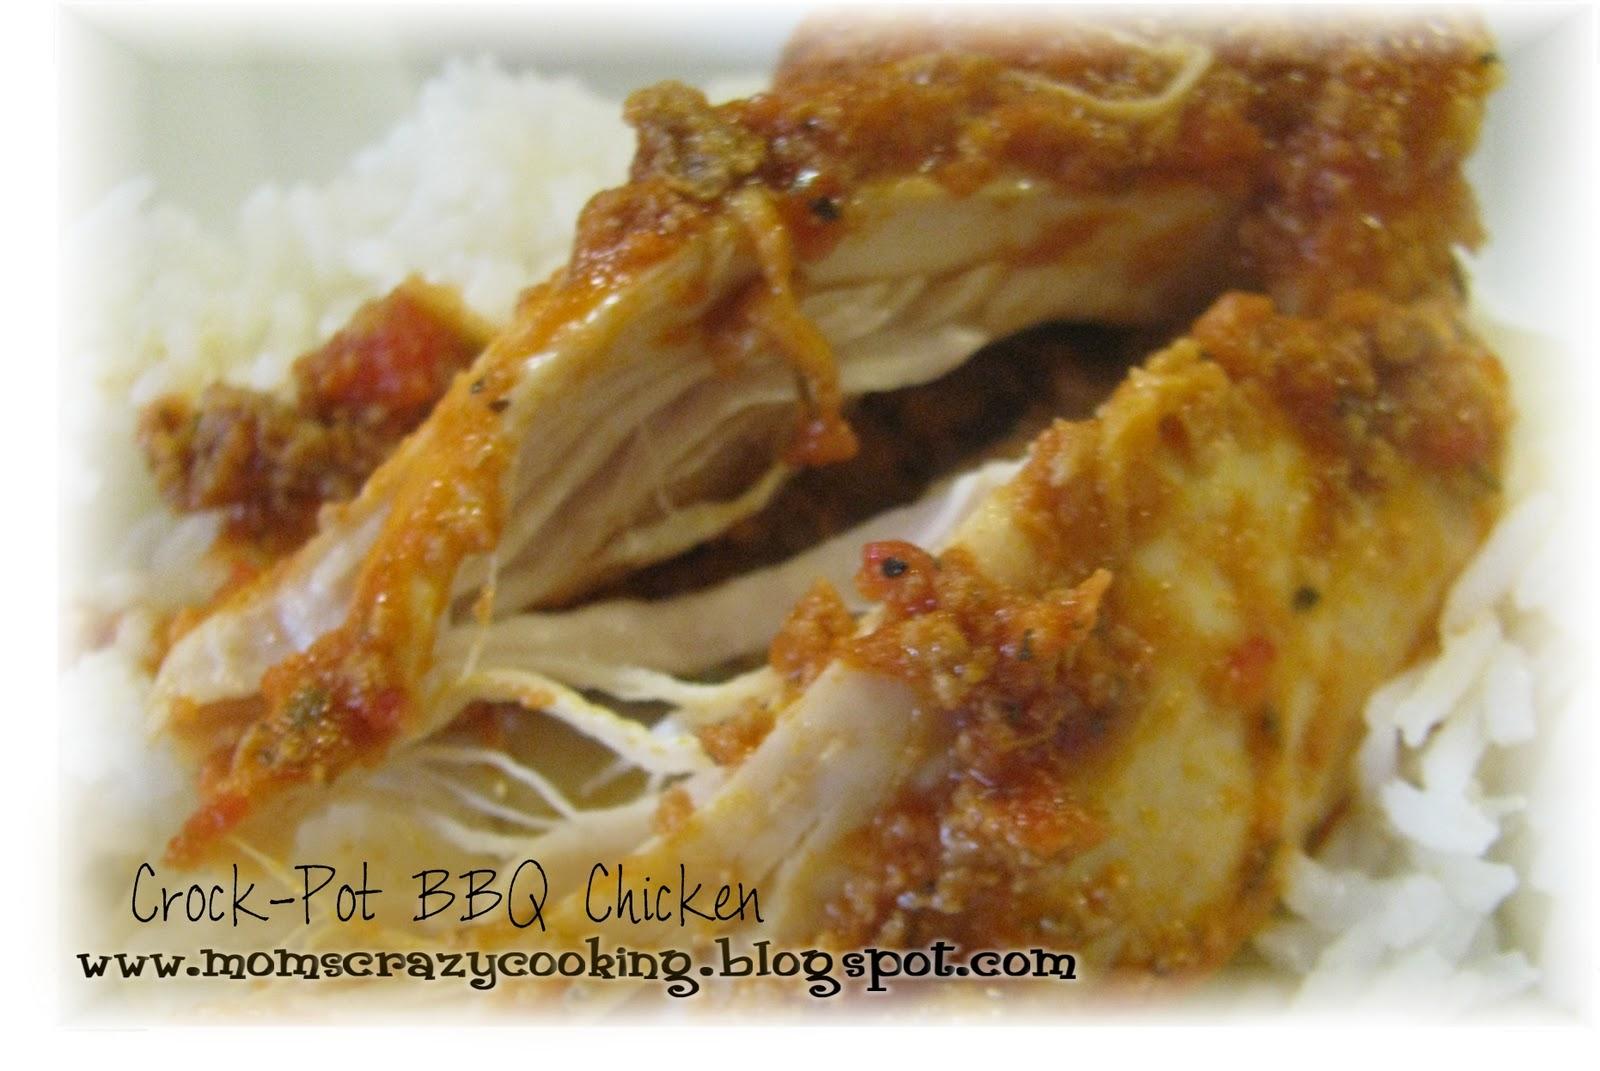 Crock-Pot BBQ Chicken or Crock-Pot Salsa Chicken or Salsa Roast